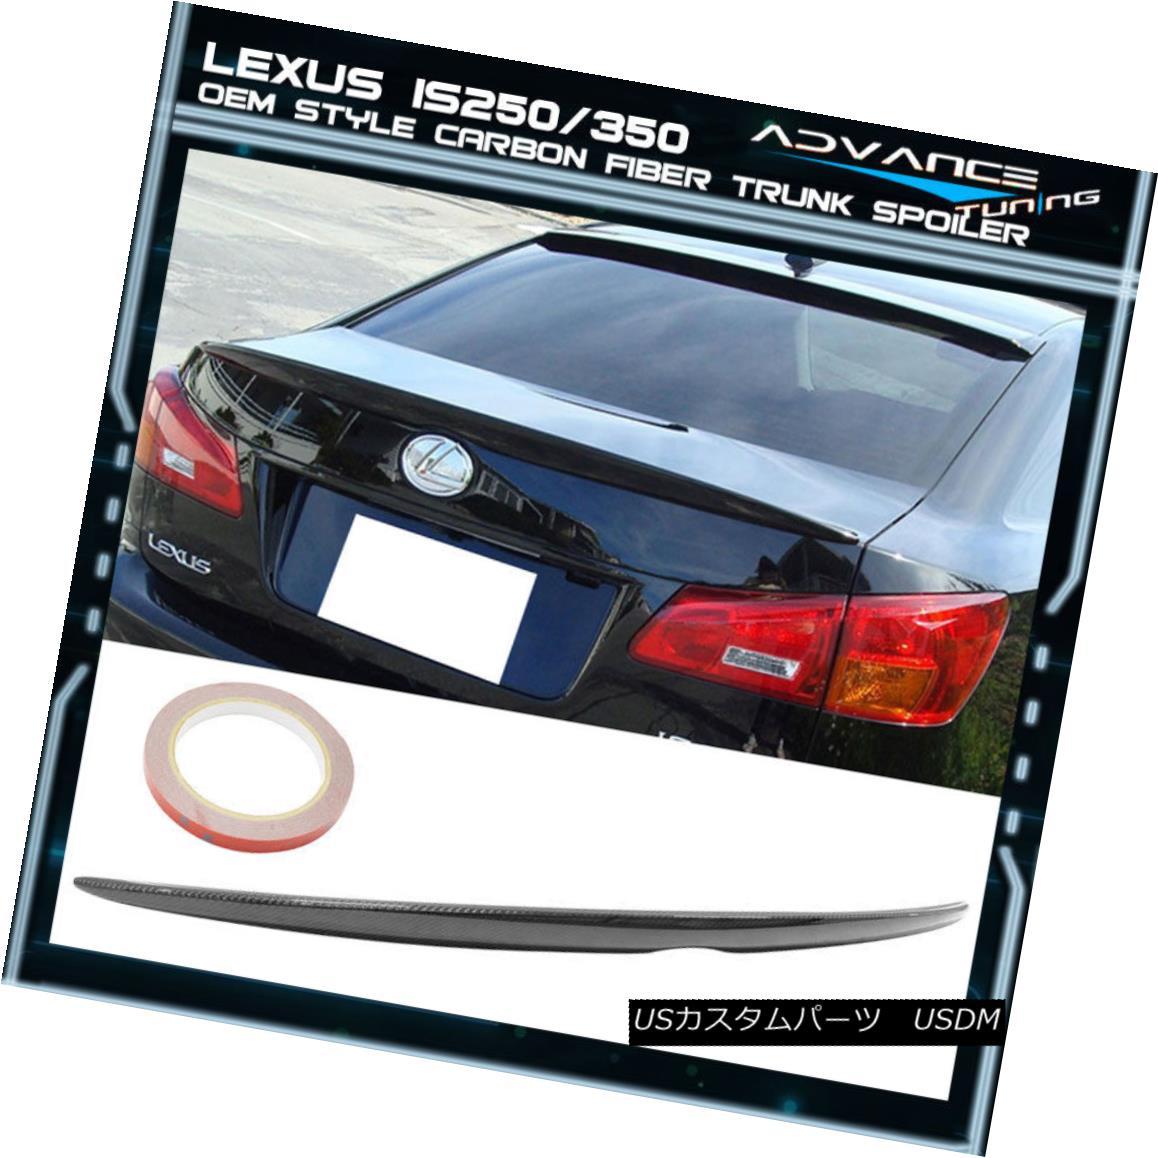 エアロパーツ Fits 06-13 Lexus IS250 350 4D OE Carbon Fiber CF Trunk Spoiler フィット06-13レクサスIS250 350 4D OE炭素繊維CFトランク・スポイラー